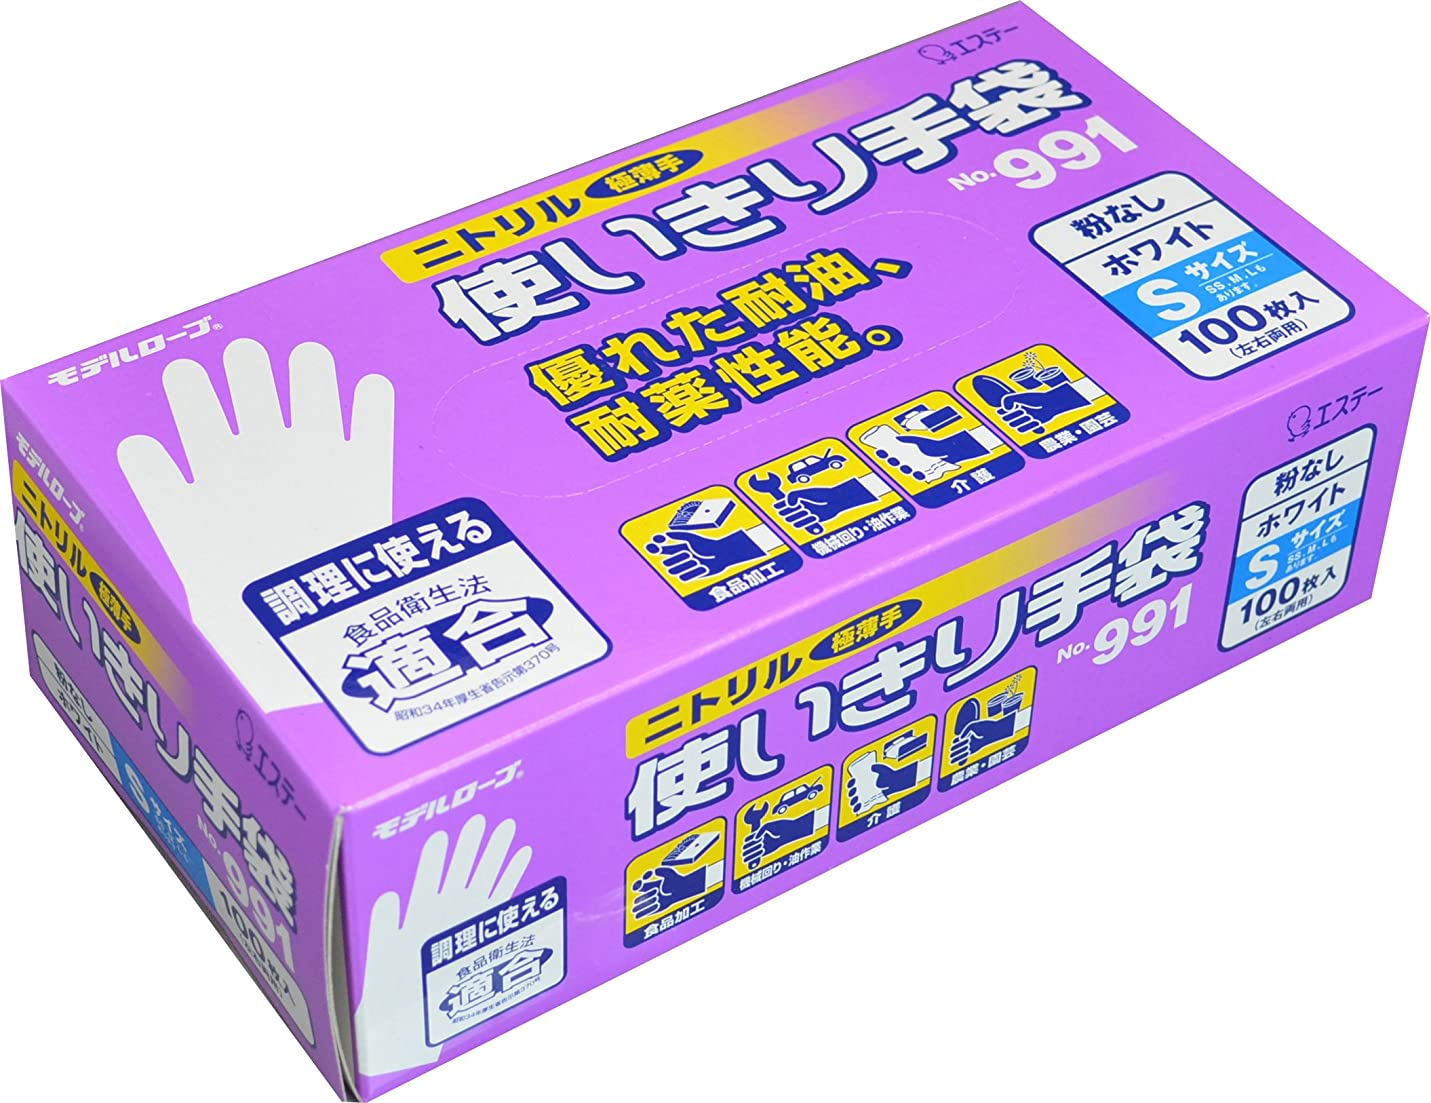 アライメント認証タイマーモデルローブ NO991 ニトリル使い切り手袋 100枚 ホワイト S